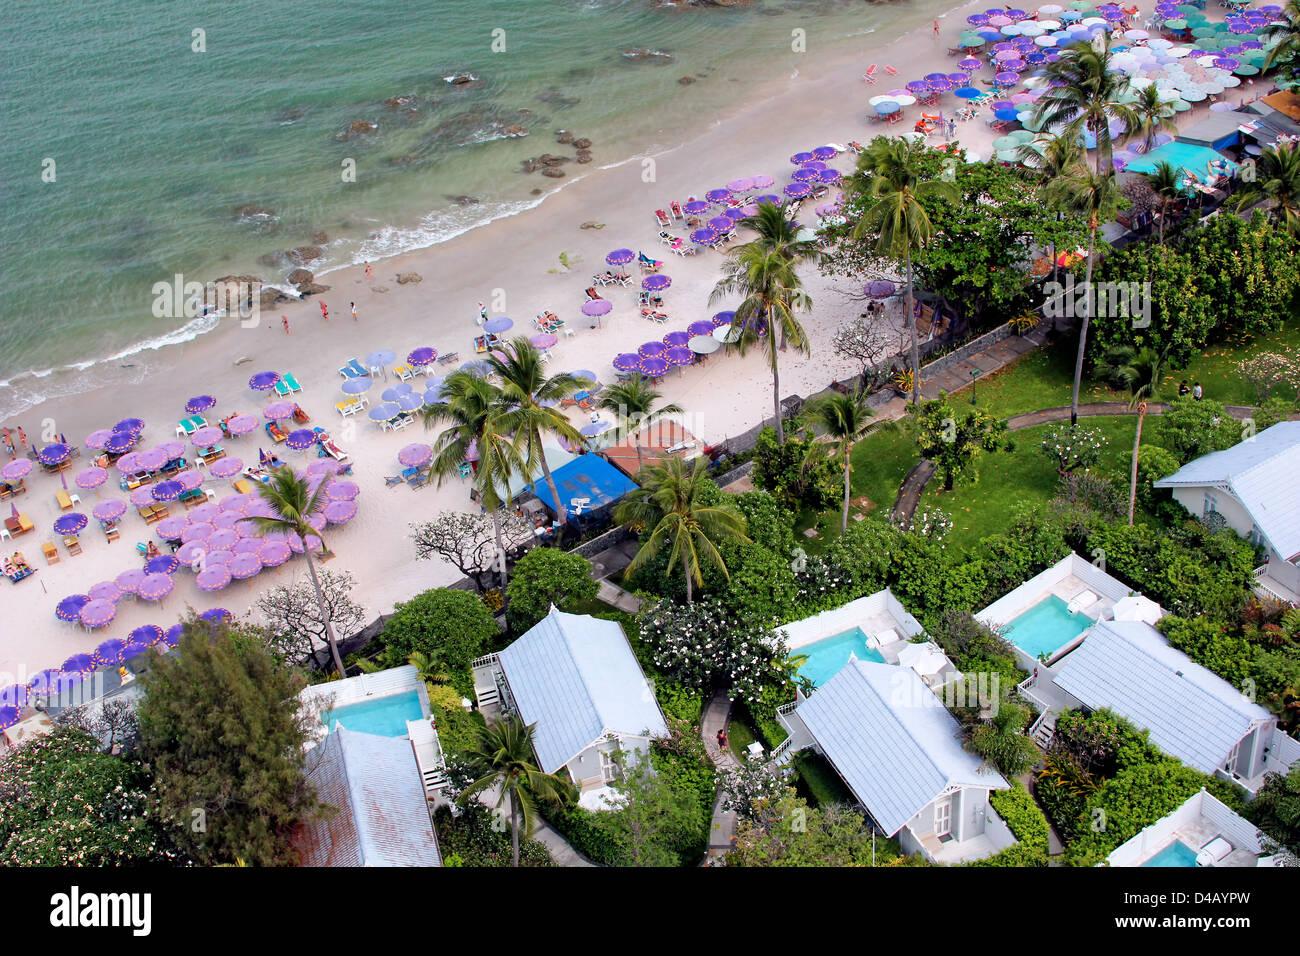 Hua Hin Central Beach at Centara Pool Villas - Stock Image